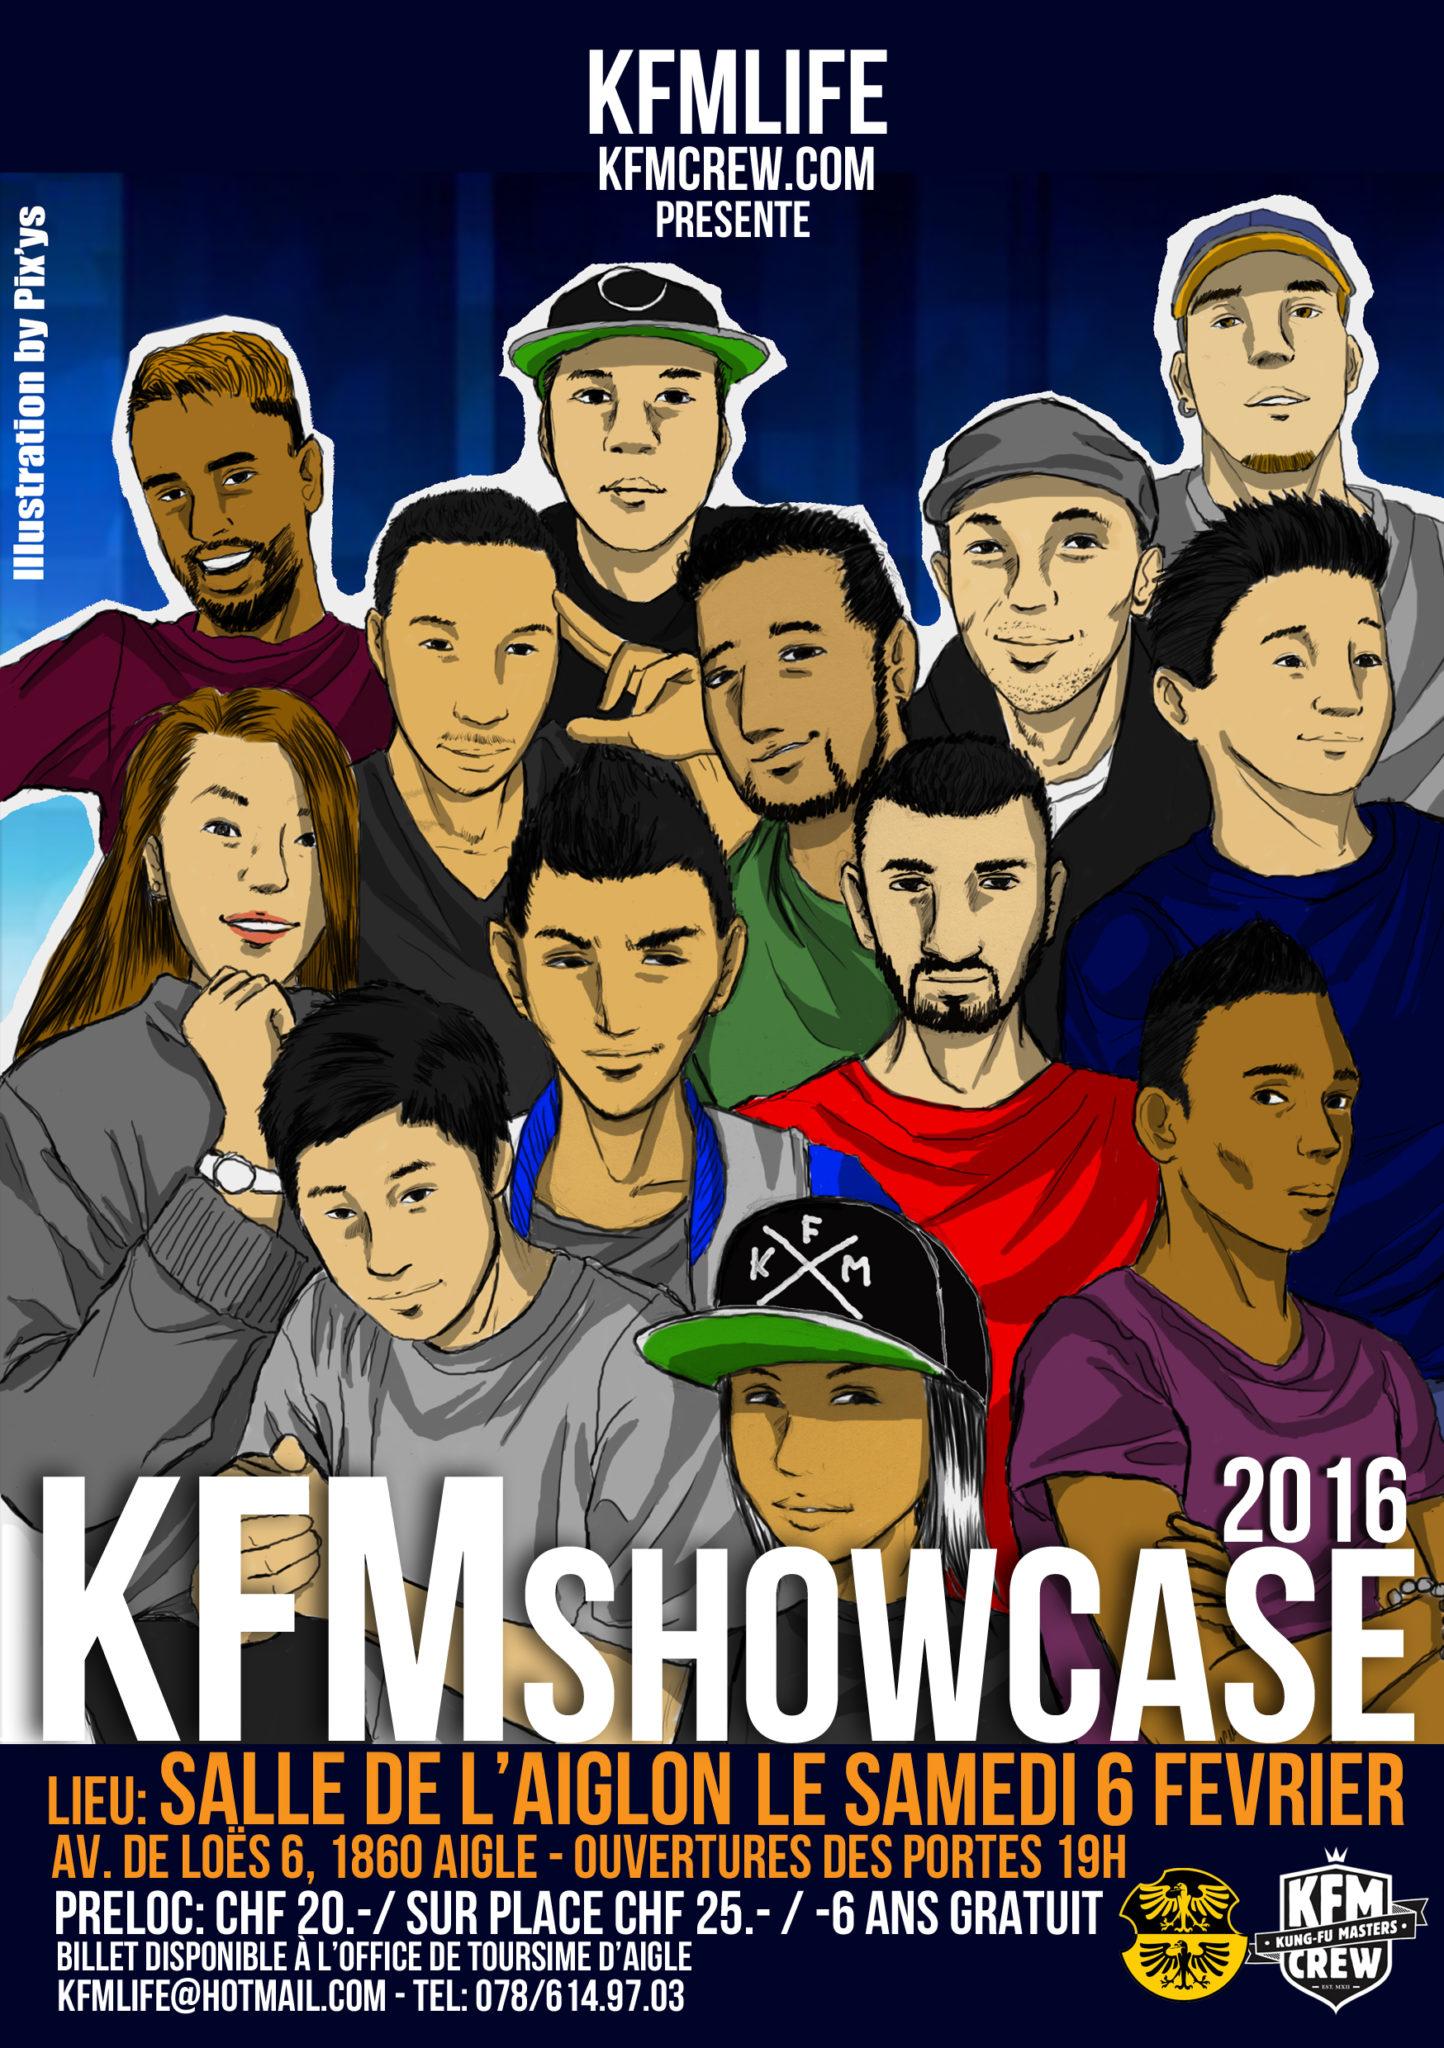 Billets Pré-location KFM Showcase 6 février 2016